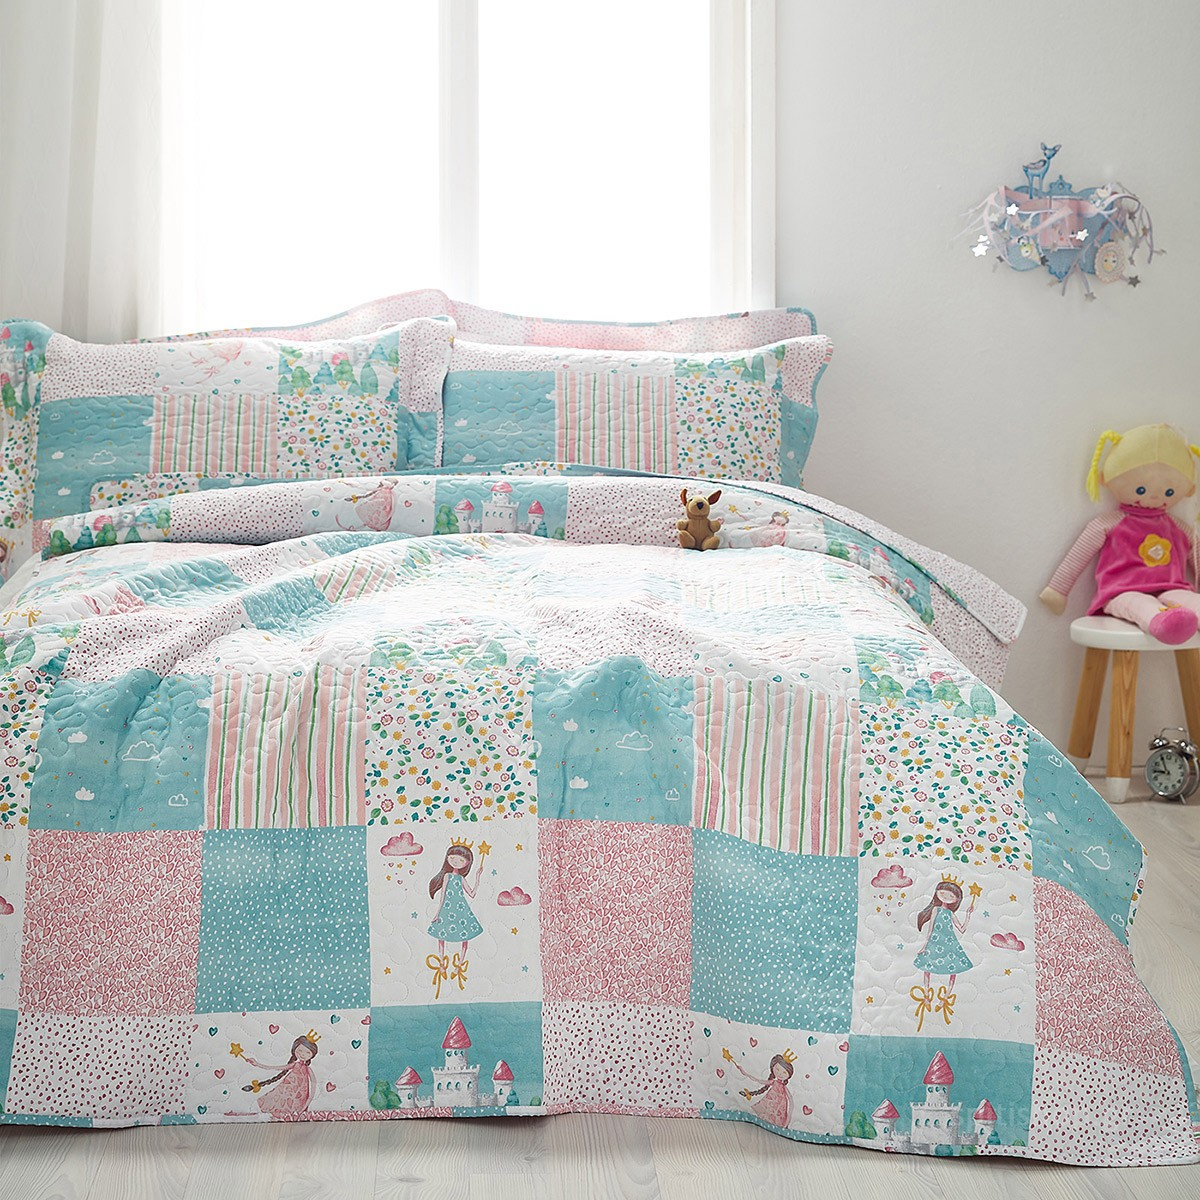 Κουβερλί Μονό (Σετ) Gofis Home Princess 486